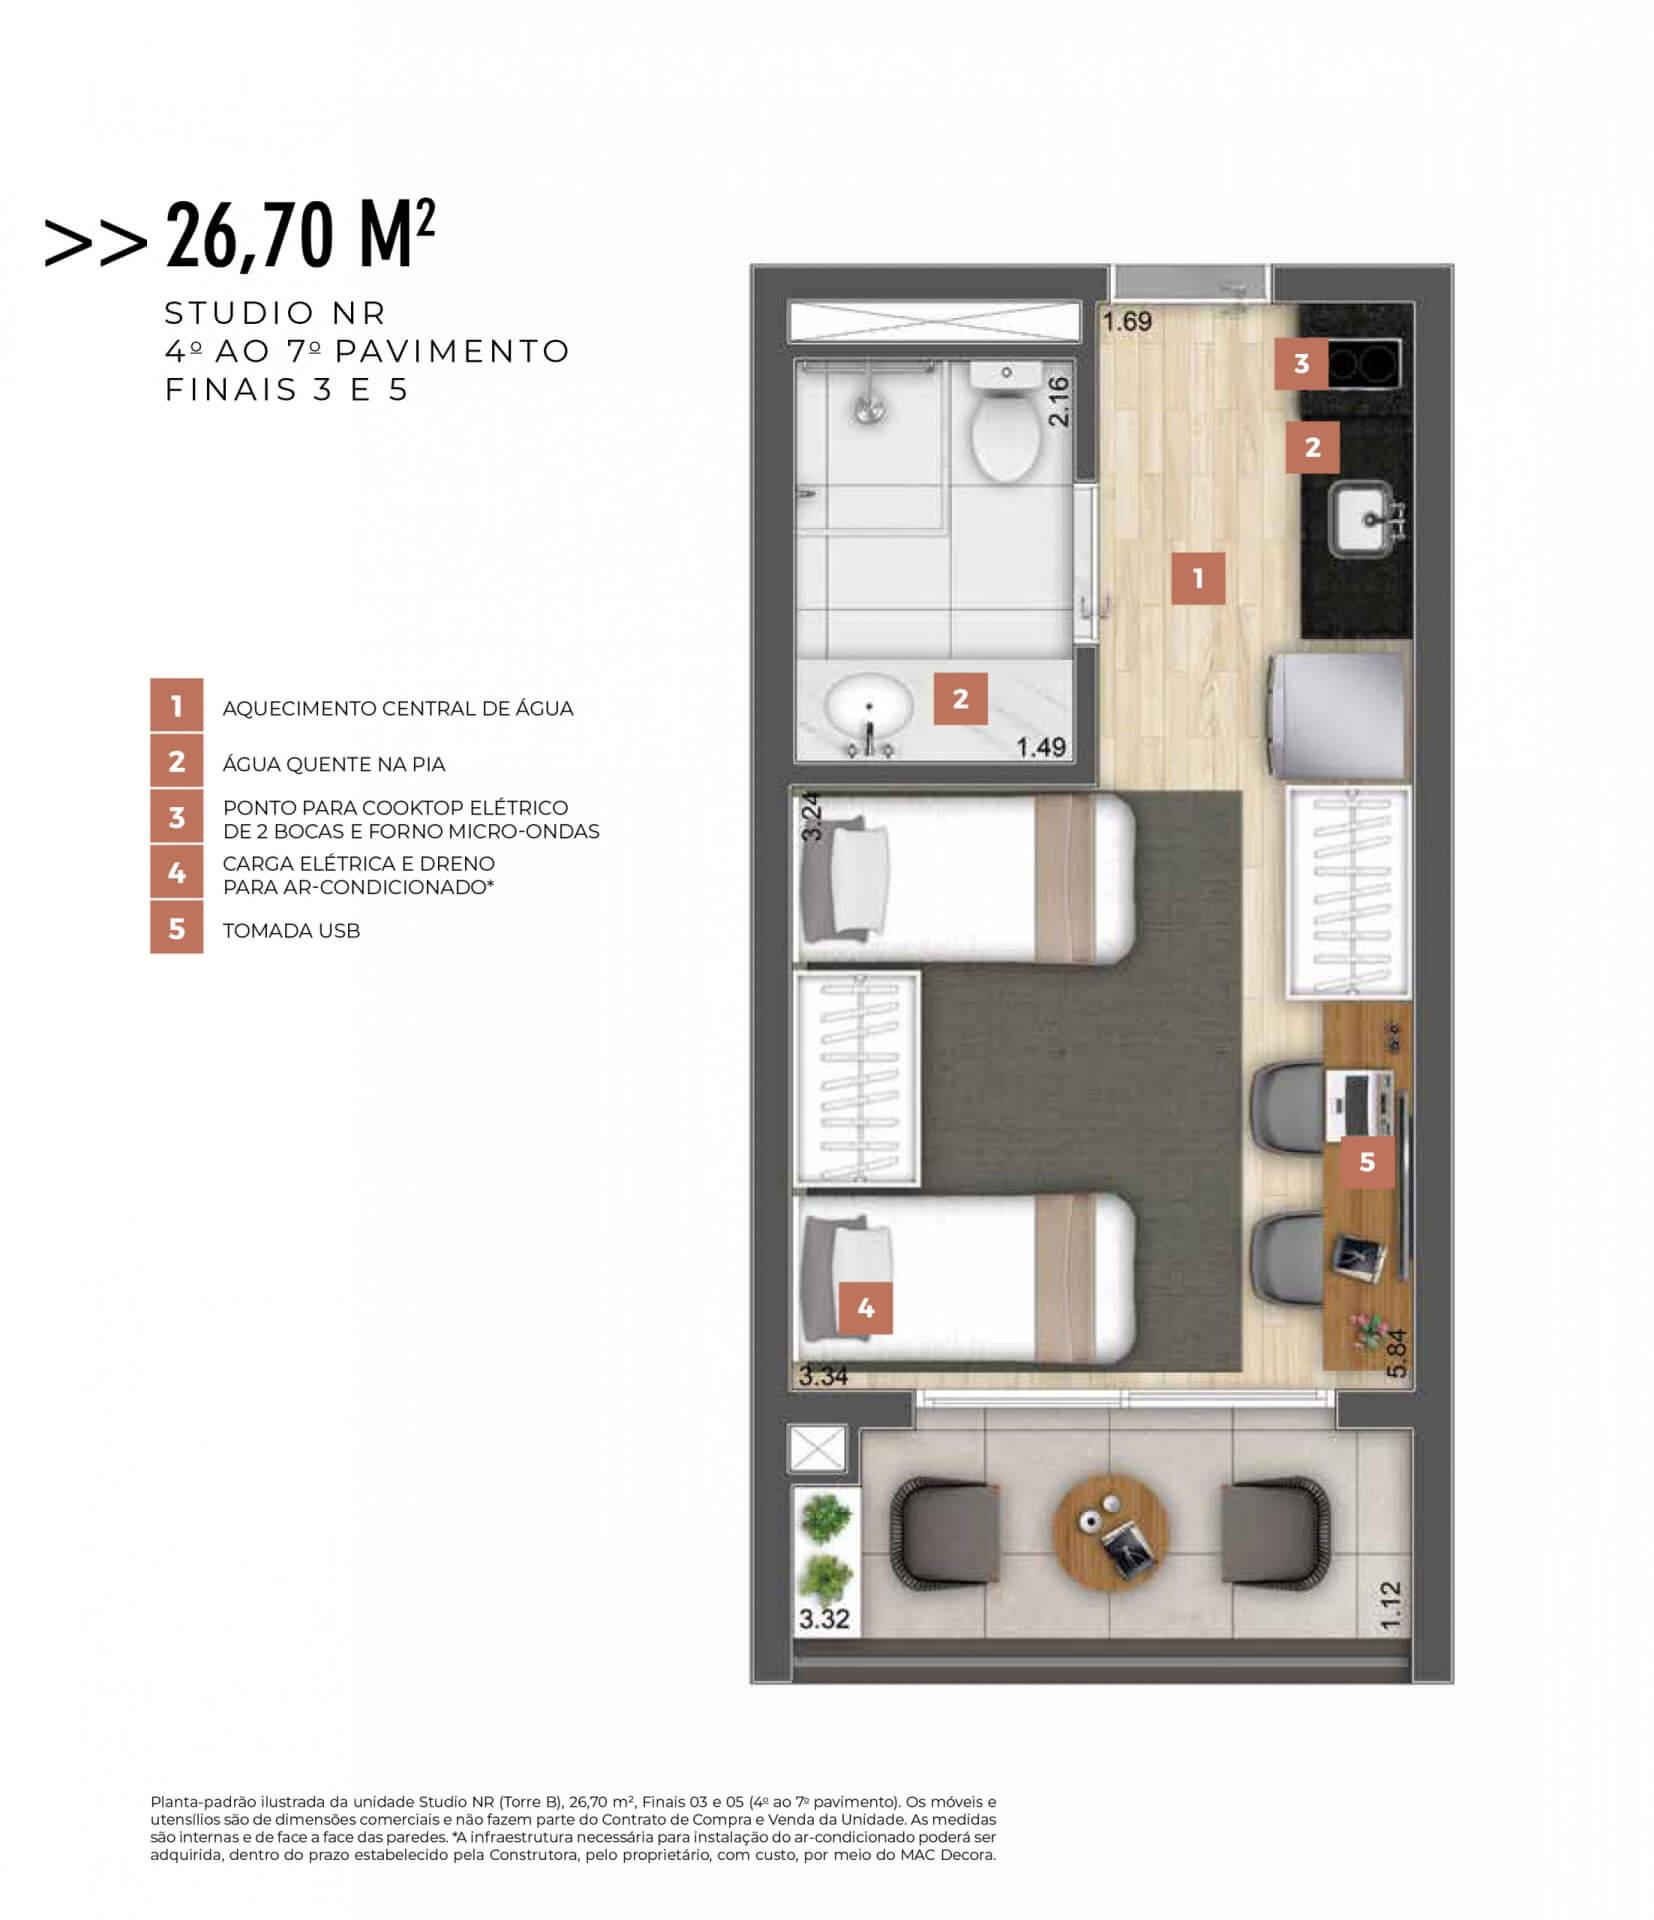 26 M² - STUDIO.